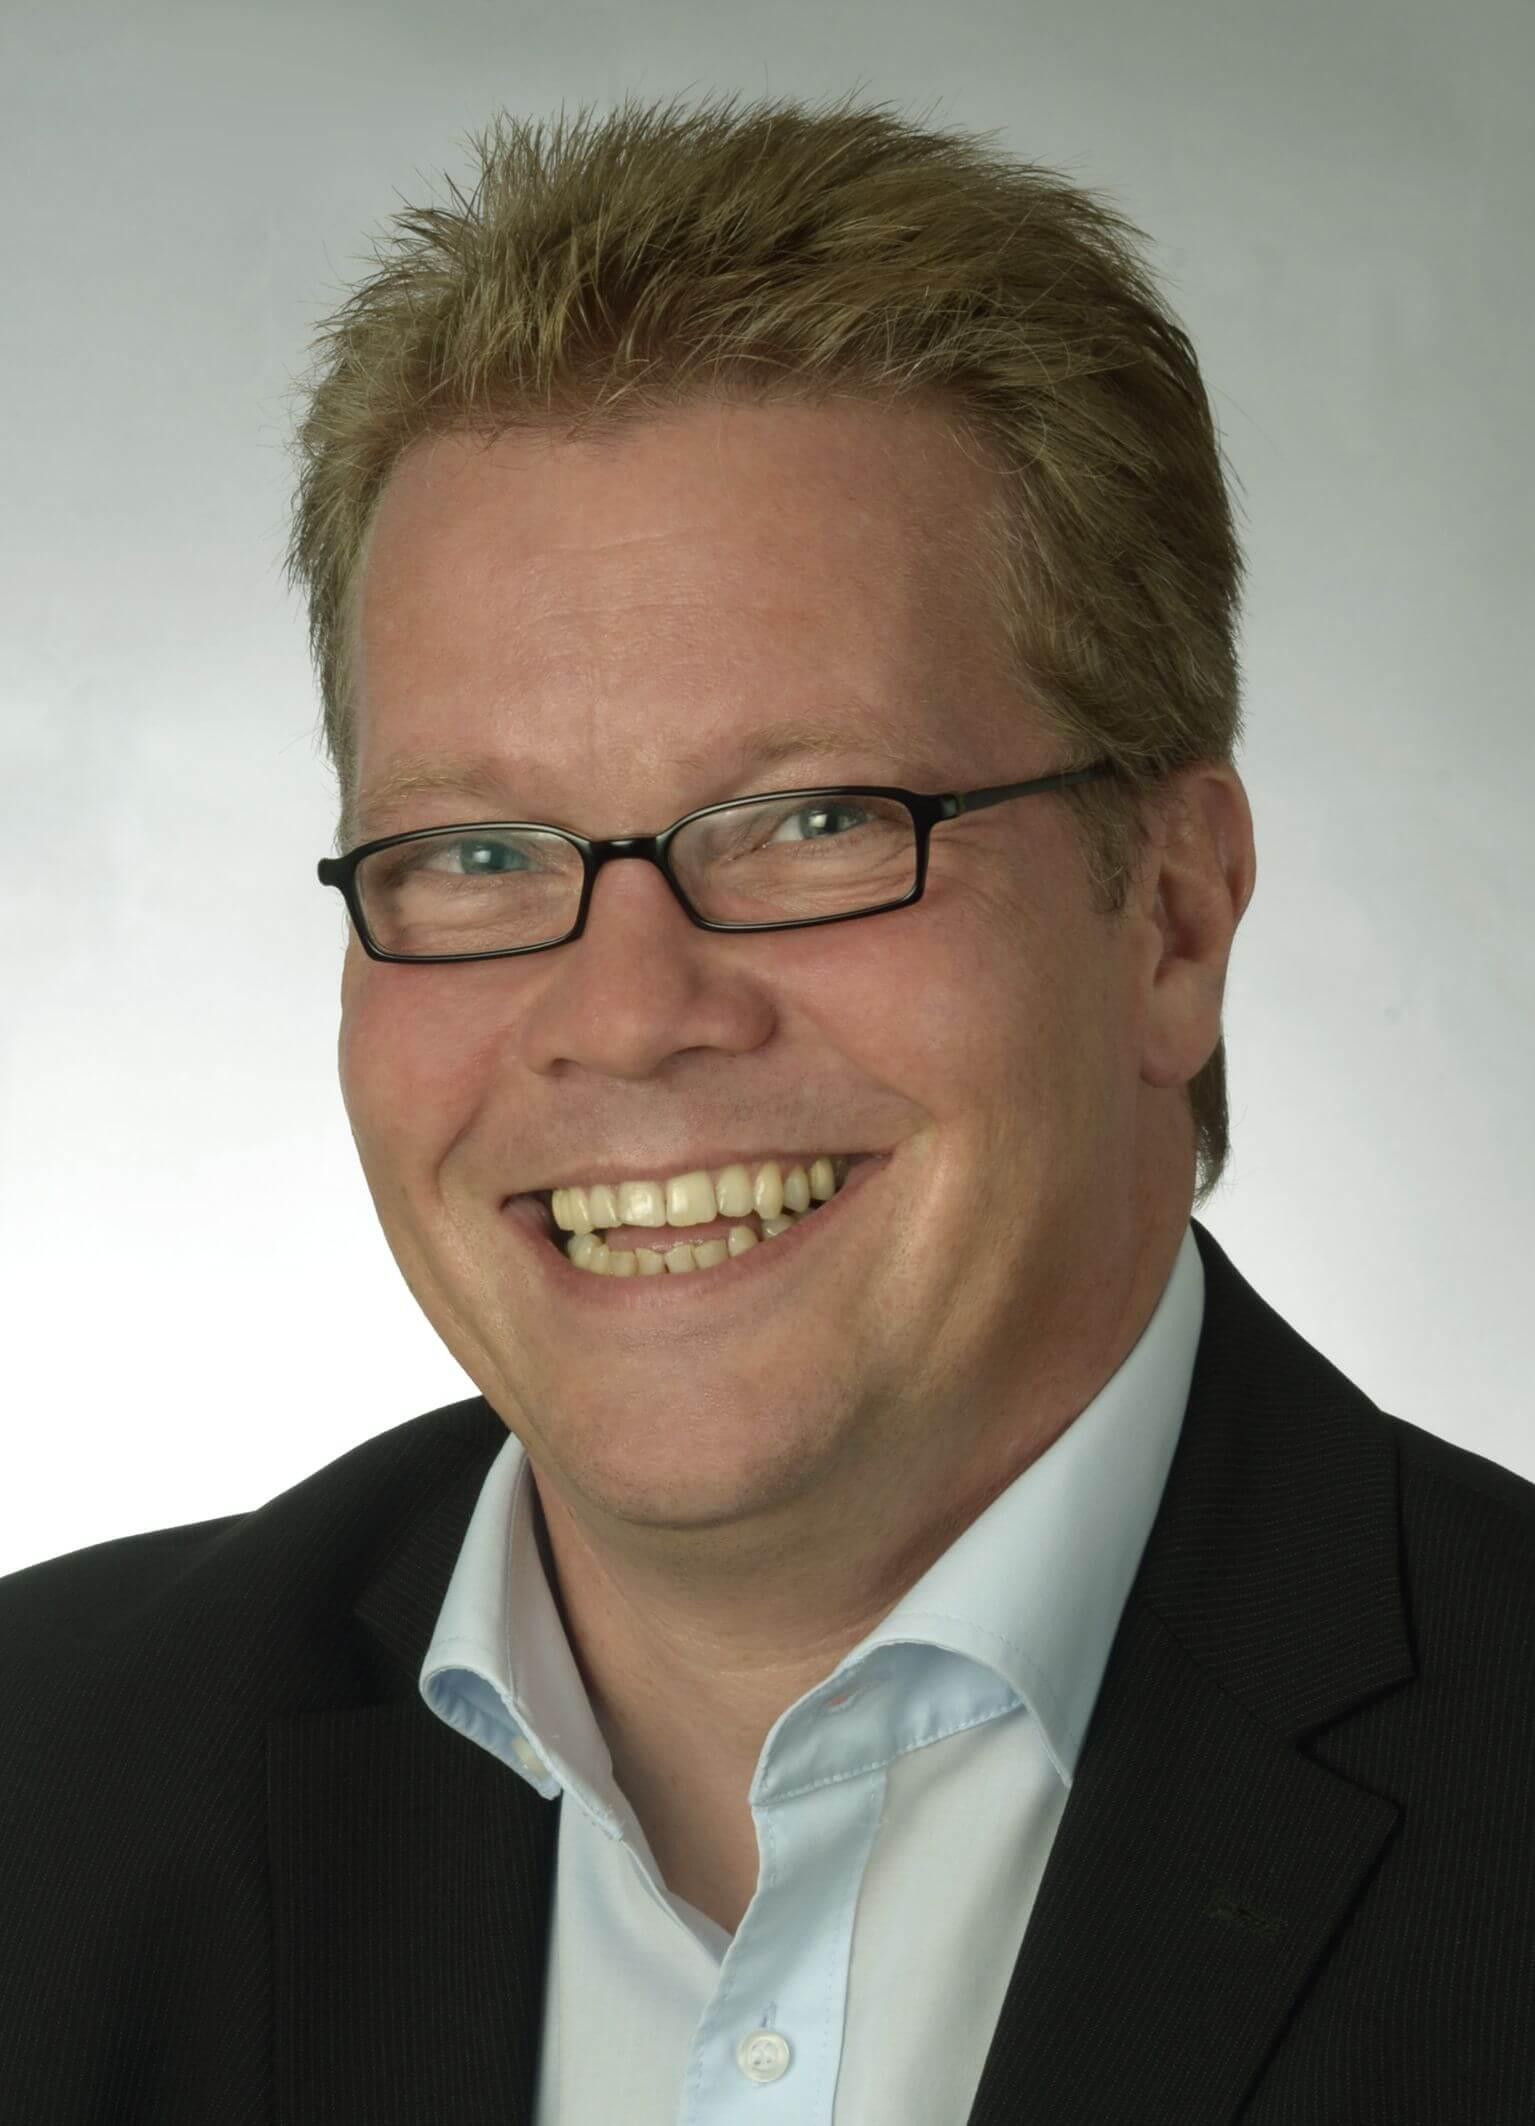 Interview mit Dortmunder Unternehmen: Martin Köhler, Personalentwicklung